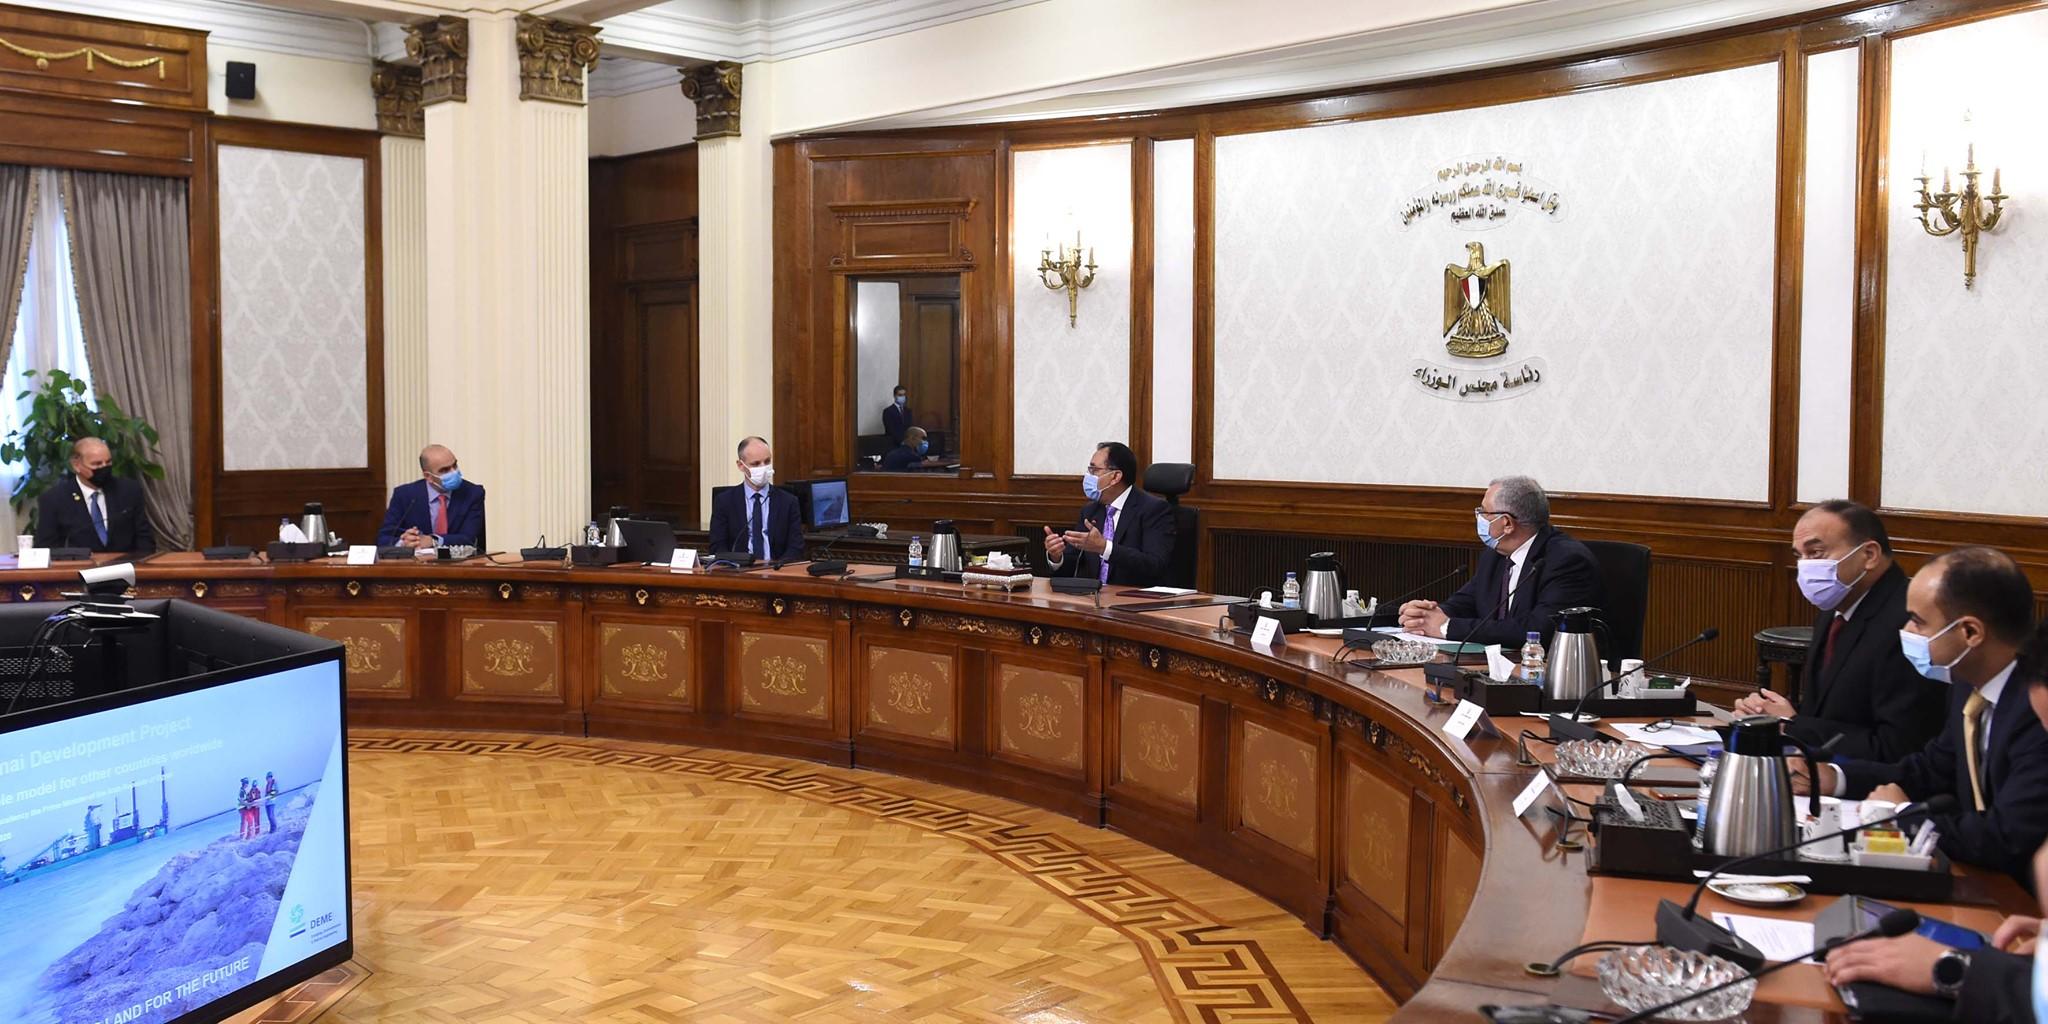 صور | رئيس الوزراء يعقد اجتماعا لاستعراض المخطط العام لتطوير بحيرة البردويل